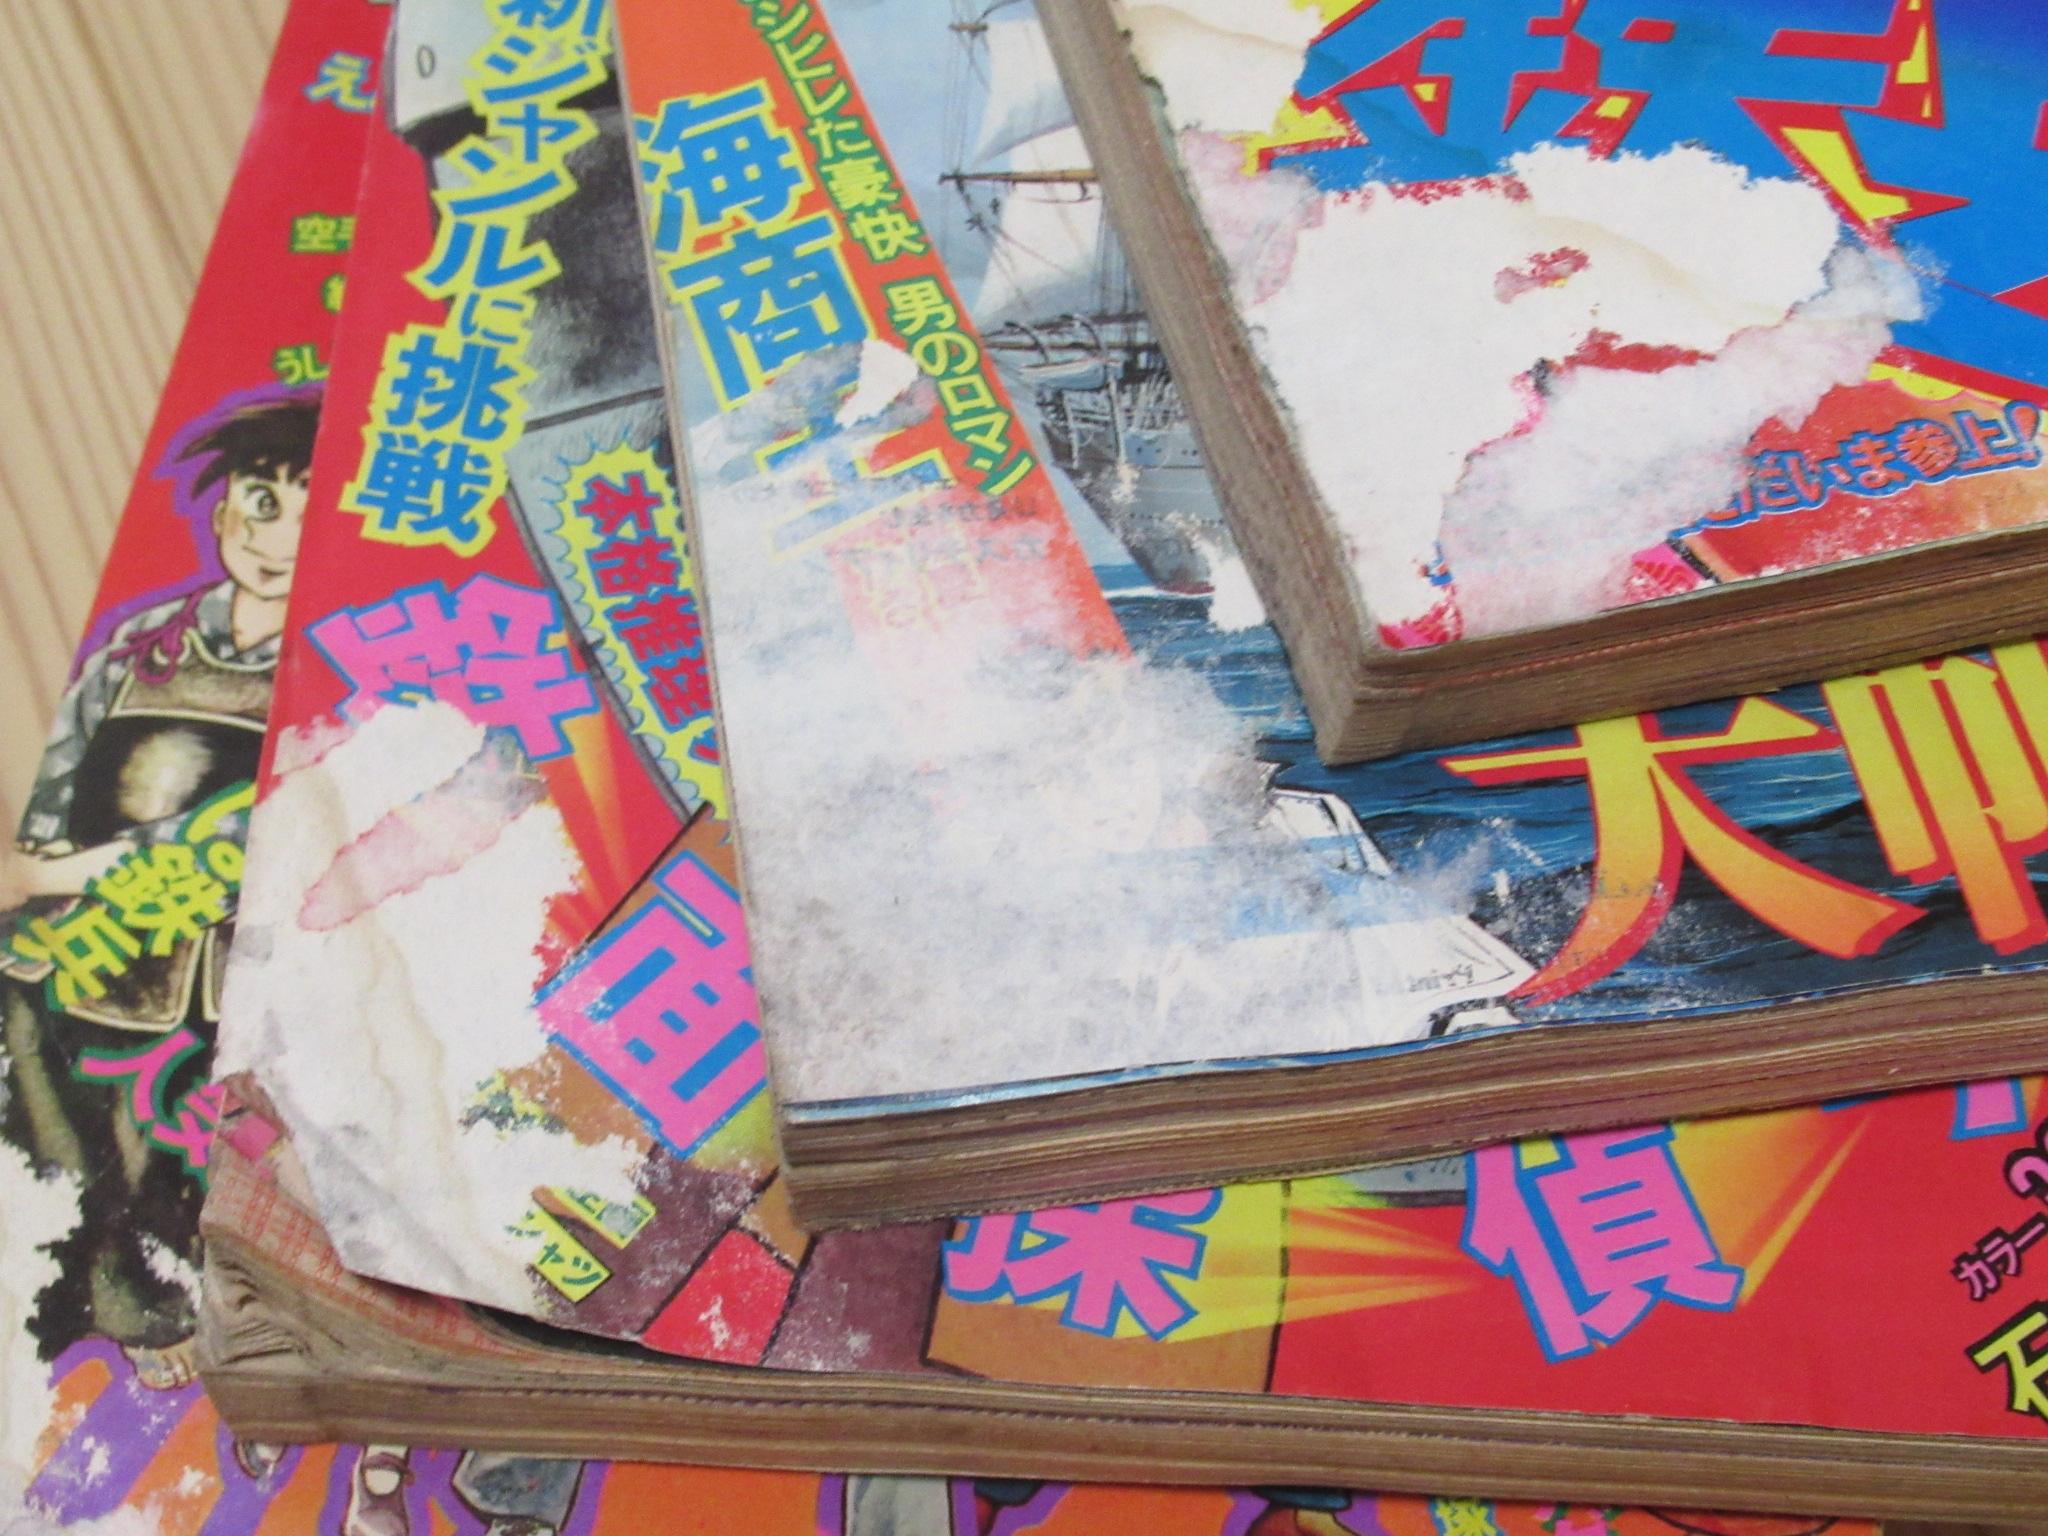 週刊少年マガジン 1975年 1976年 1977年 神奈川県より着払い買取